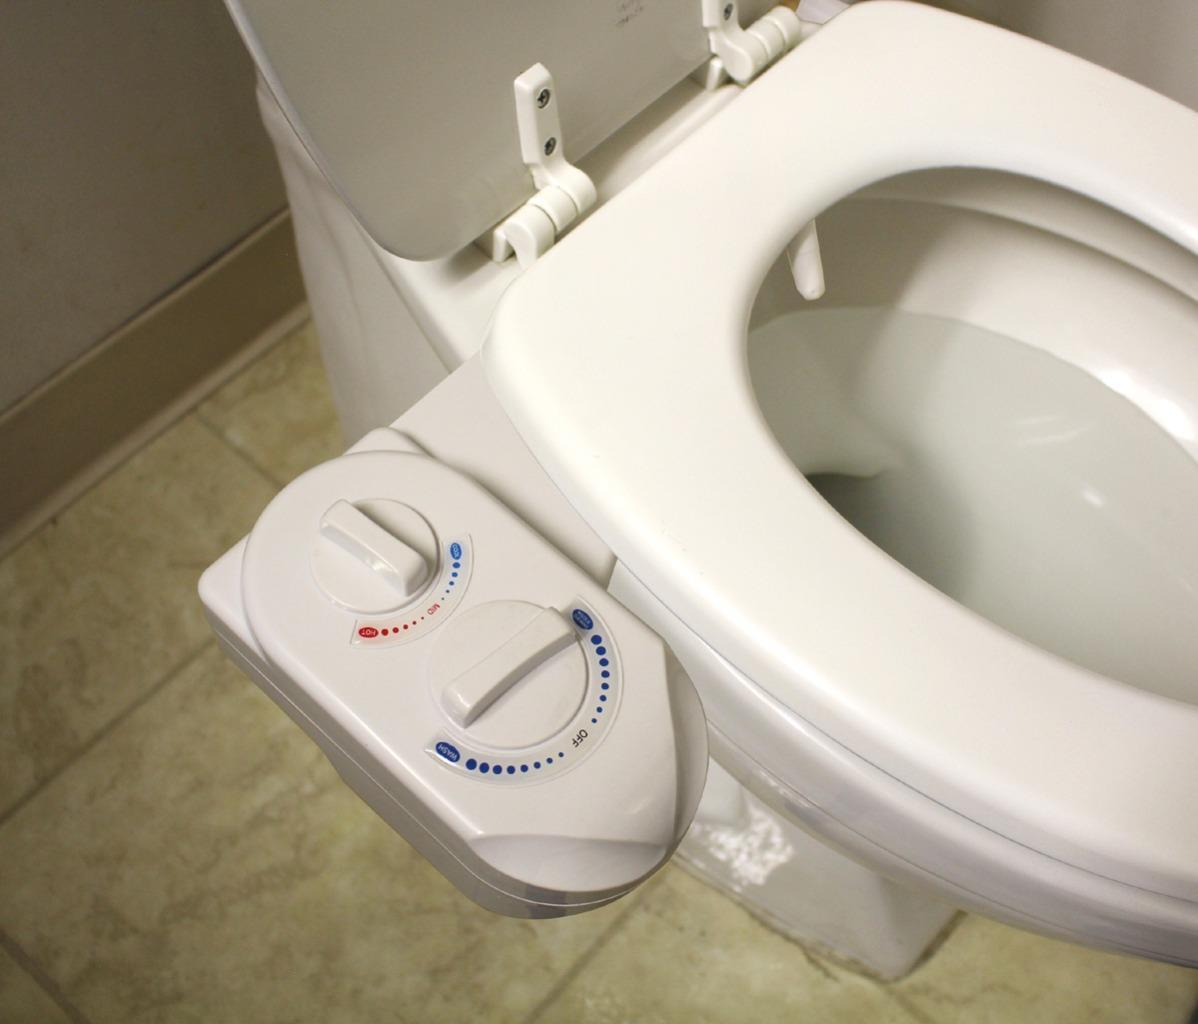 Nozzle Hot Cold Water Spray Non Electric Bidet Bathroom